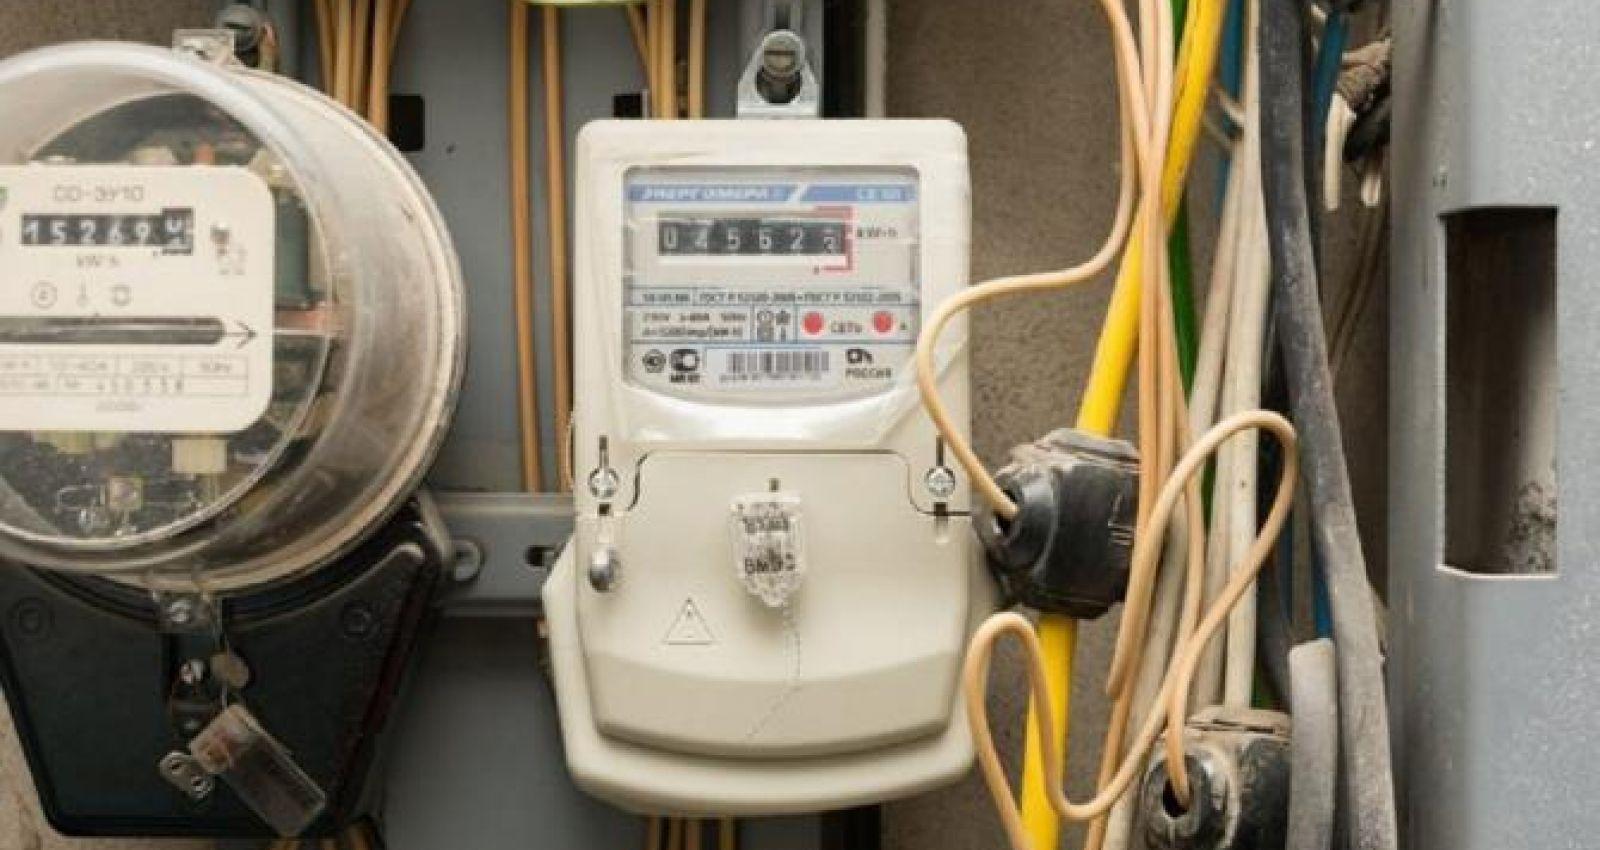 Организация предлагающая замену электросчетчика